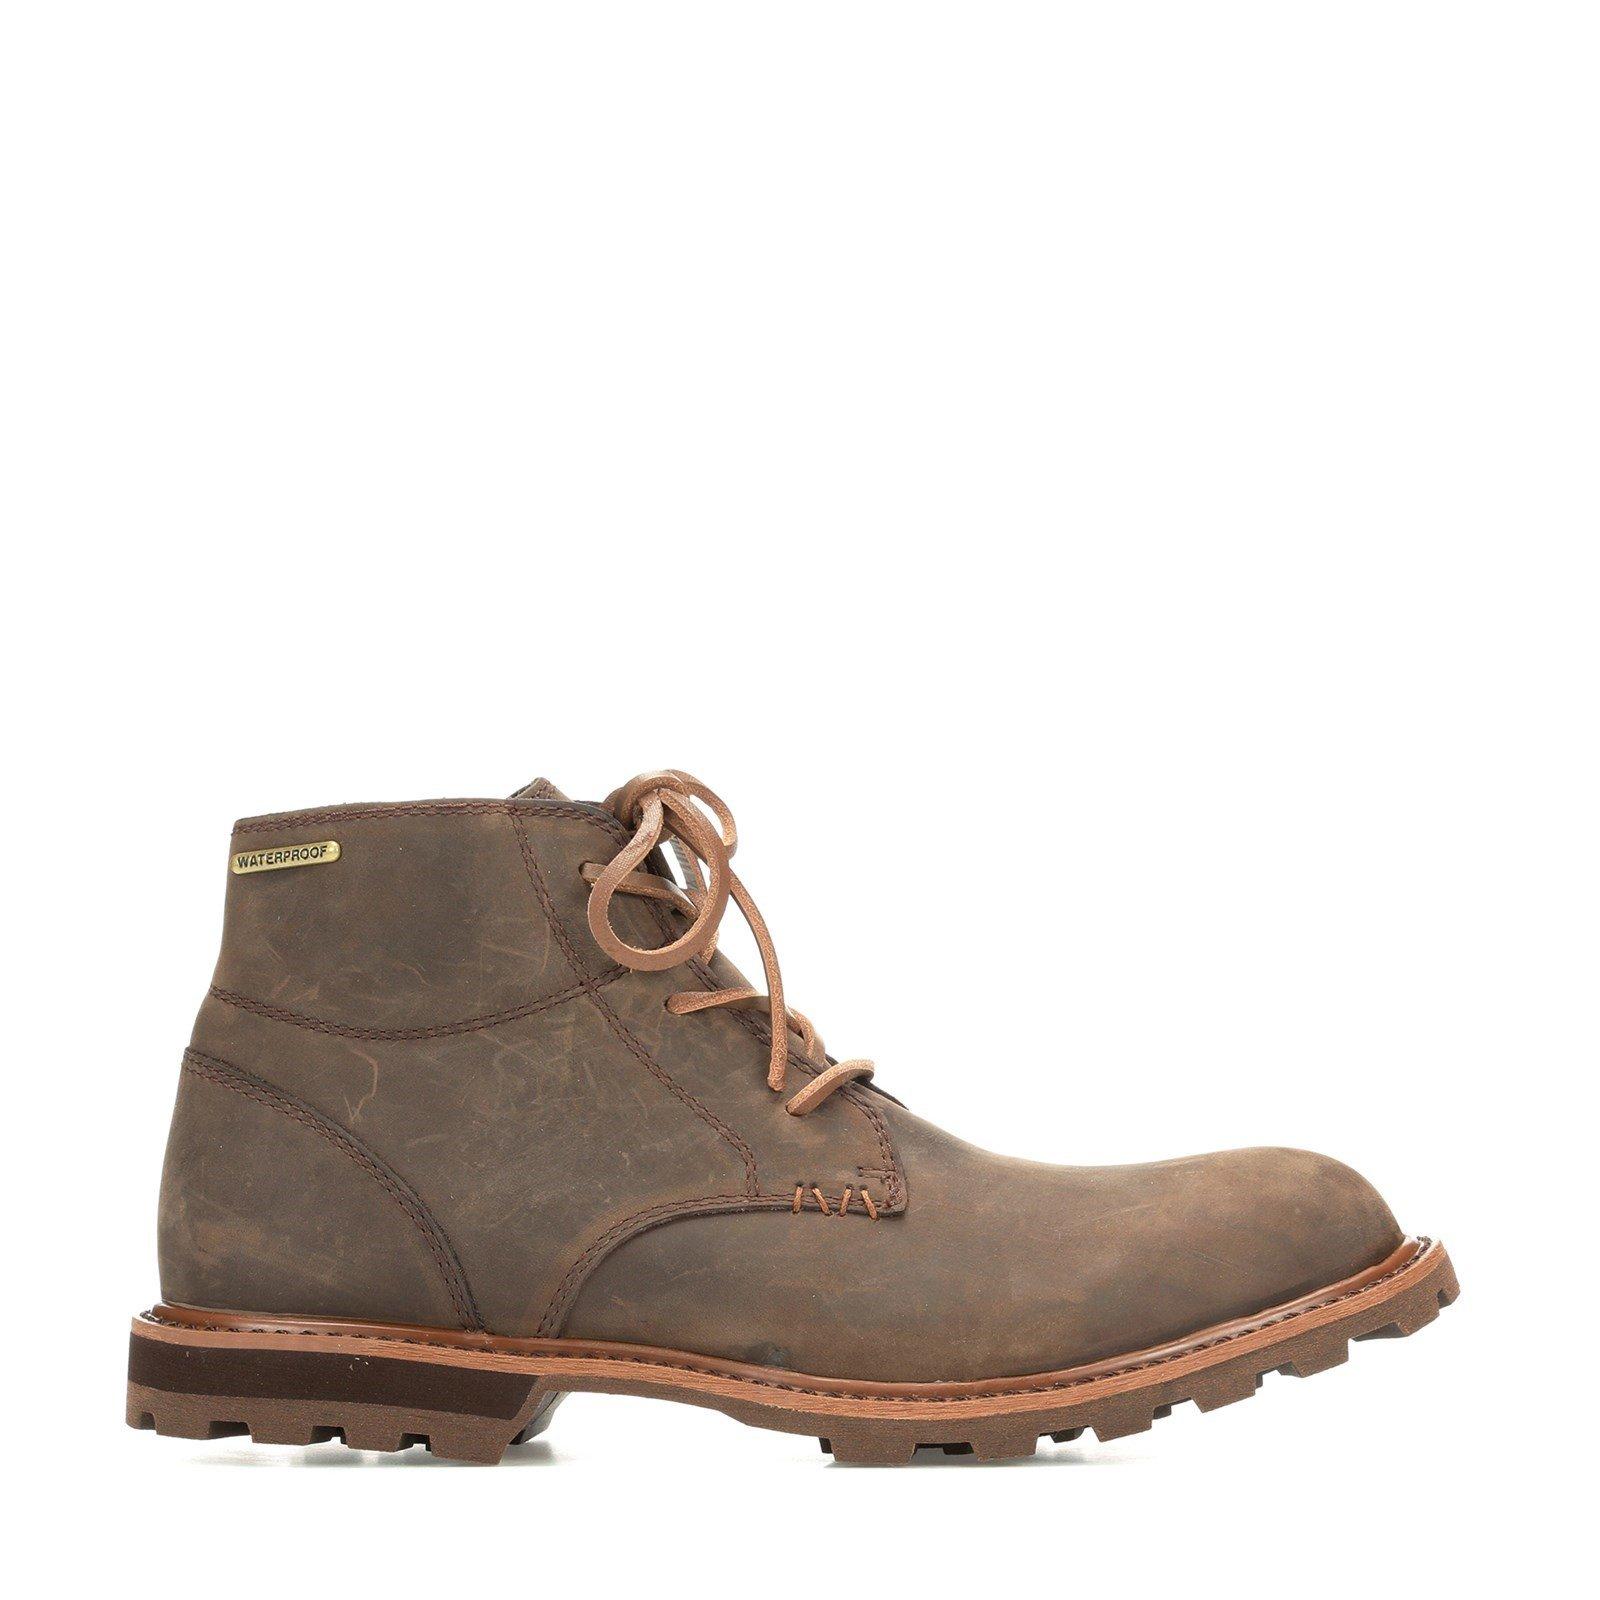 Muck Boots Men's Freeman Boot 31761 - Brown 8